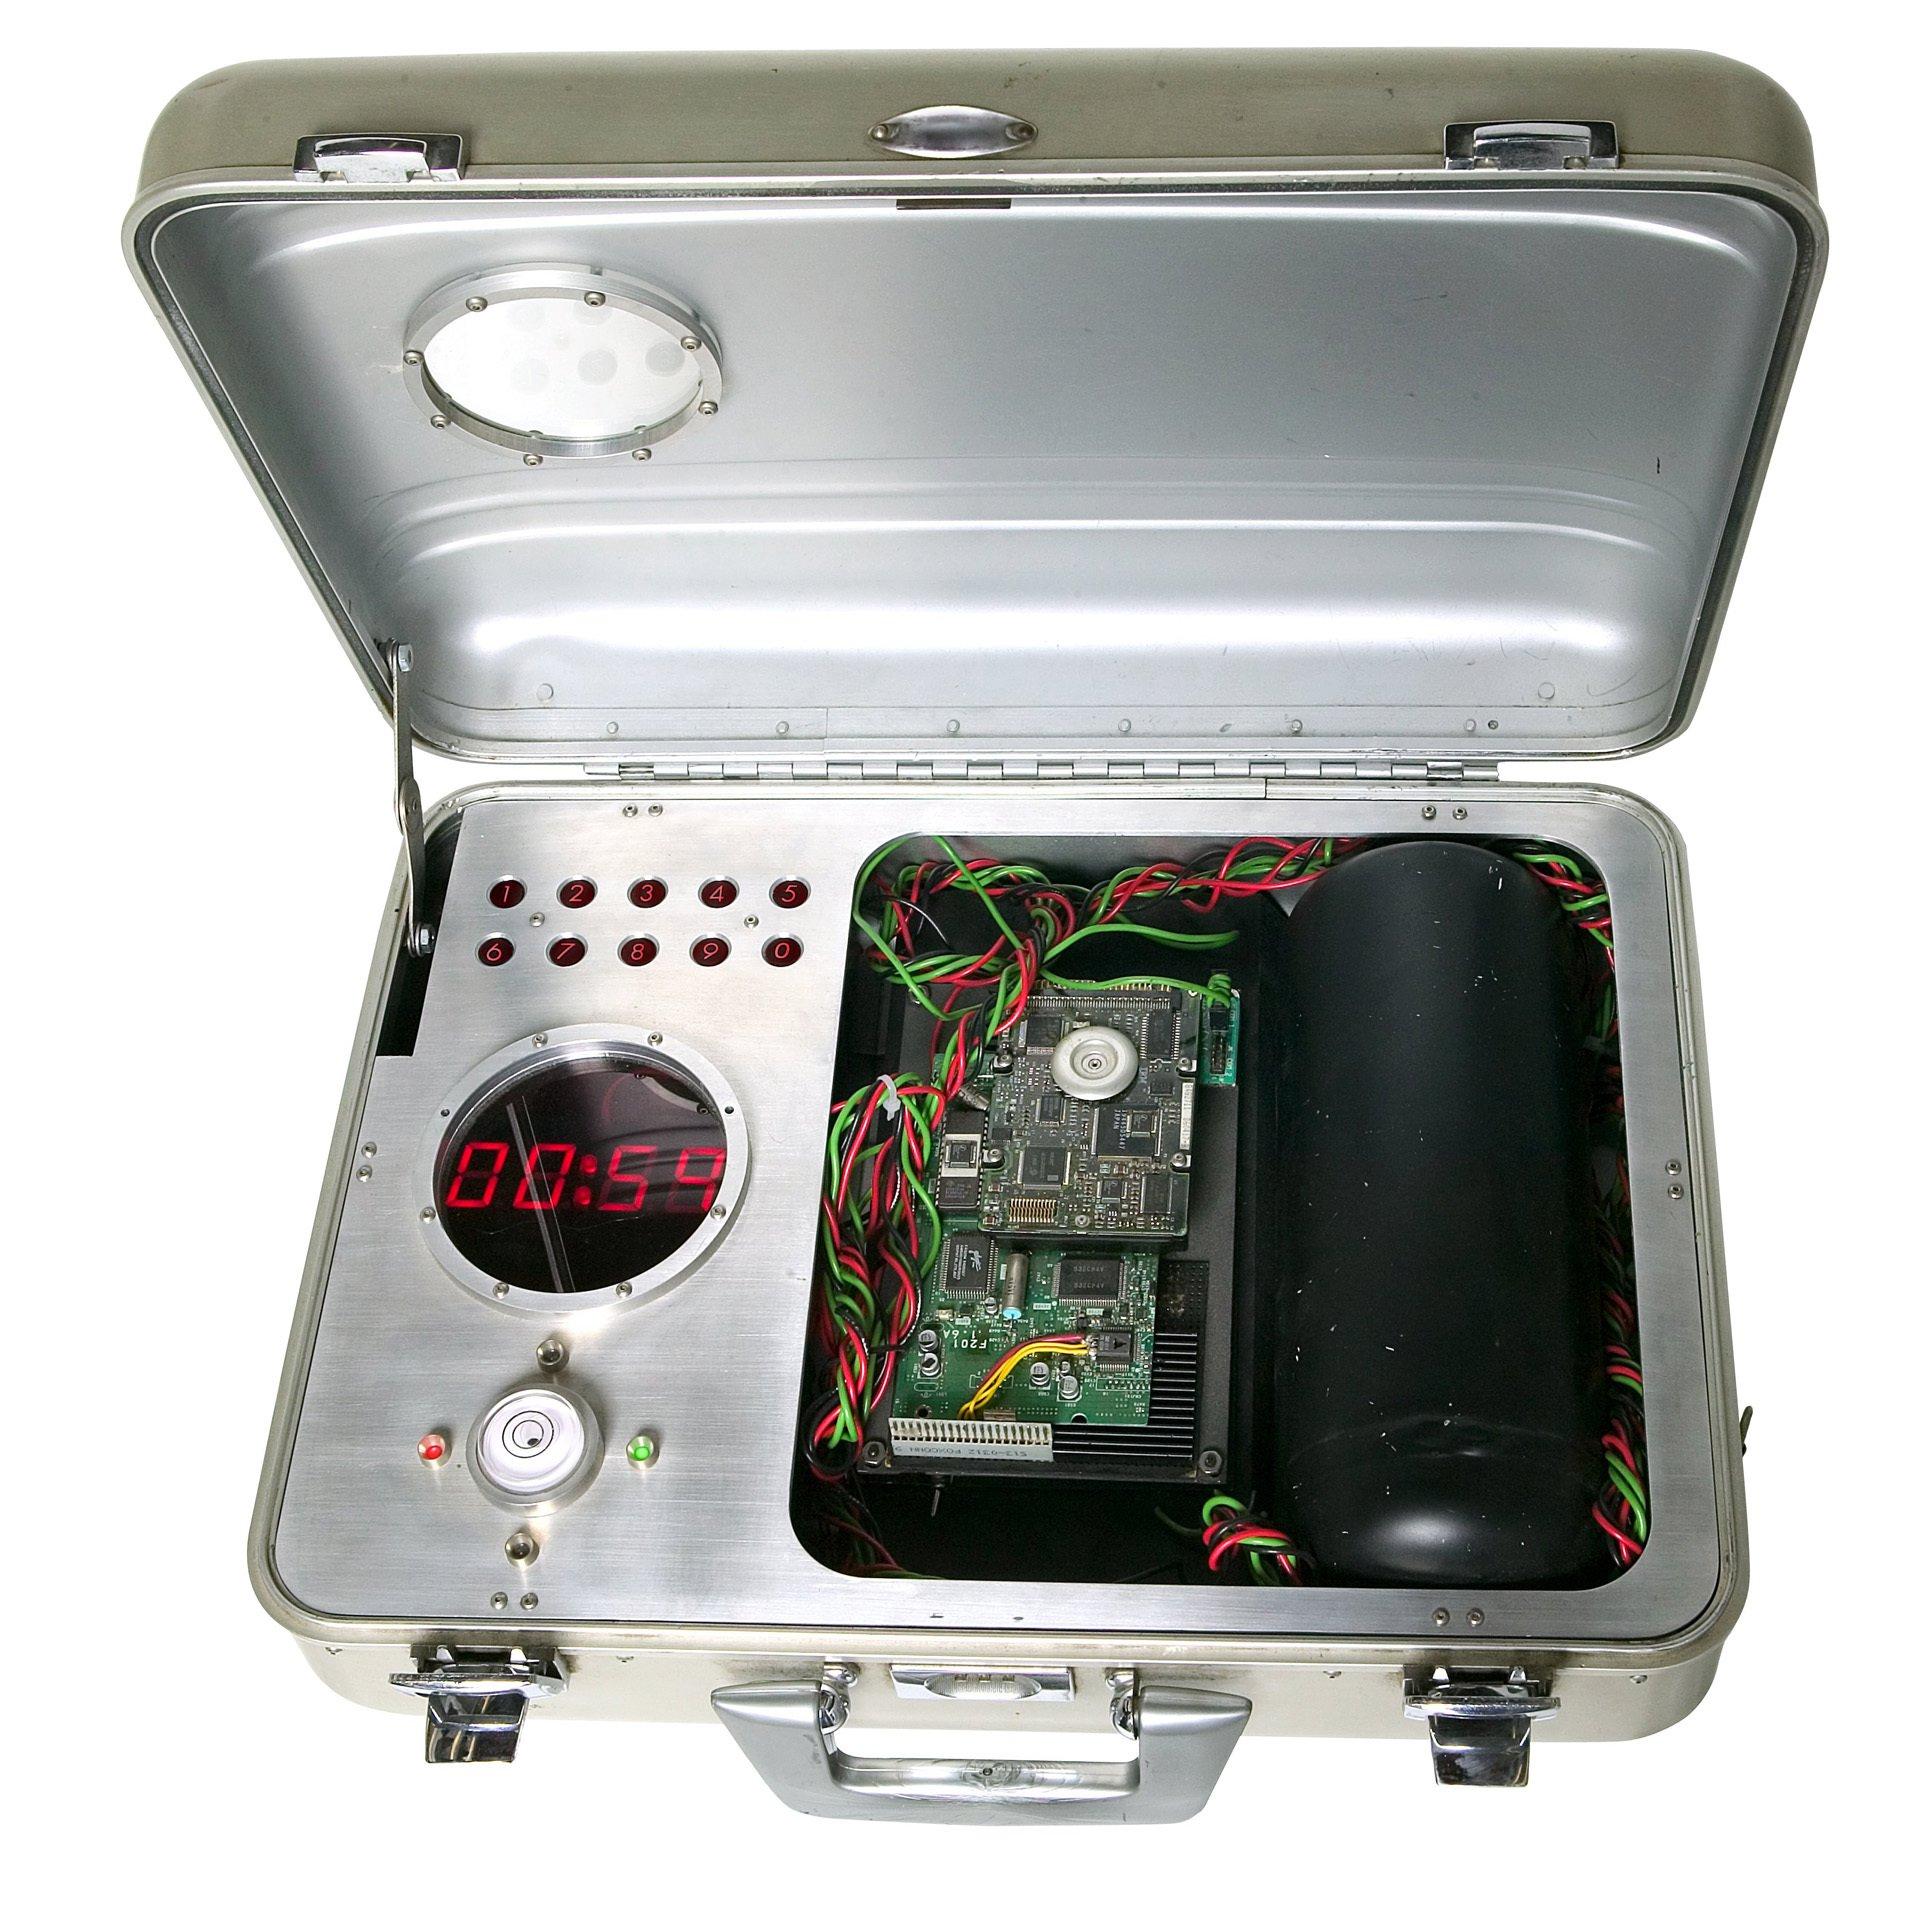 laser tag bomb prop